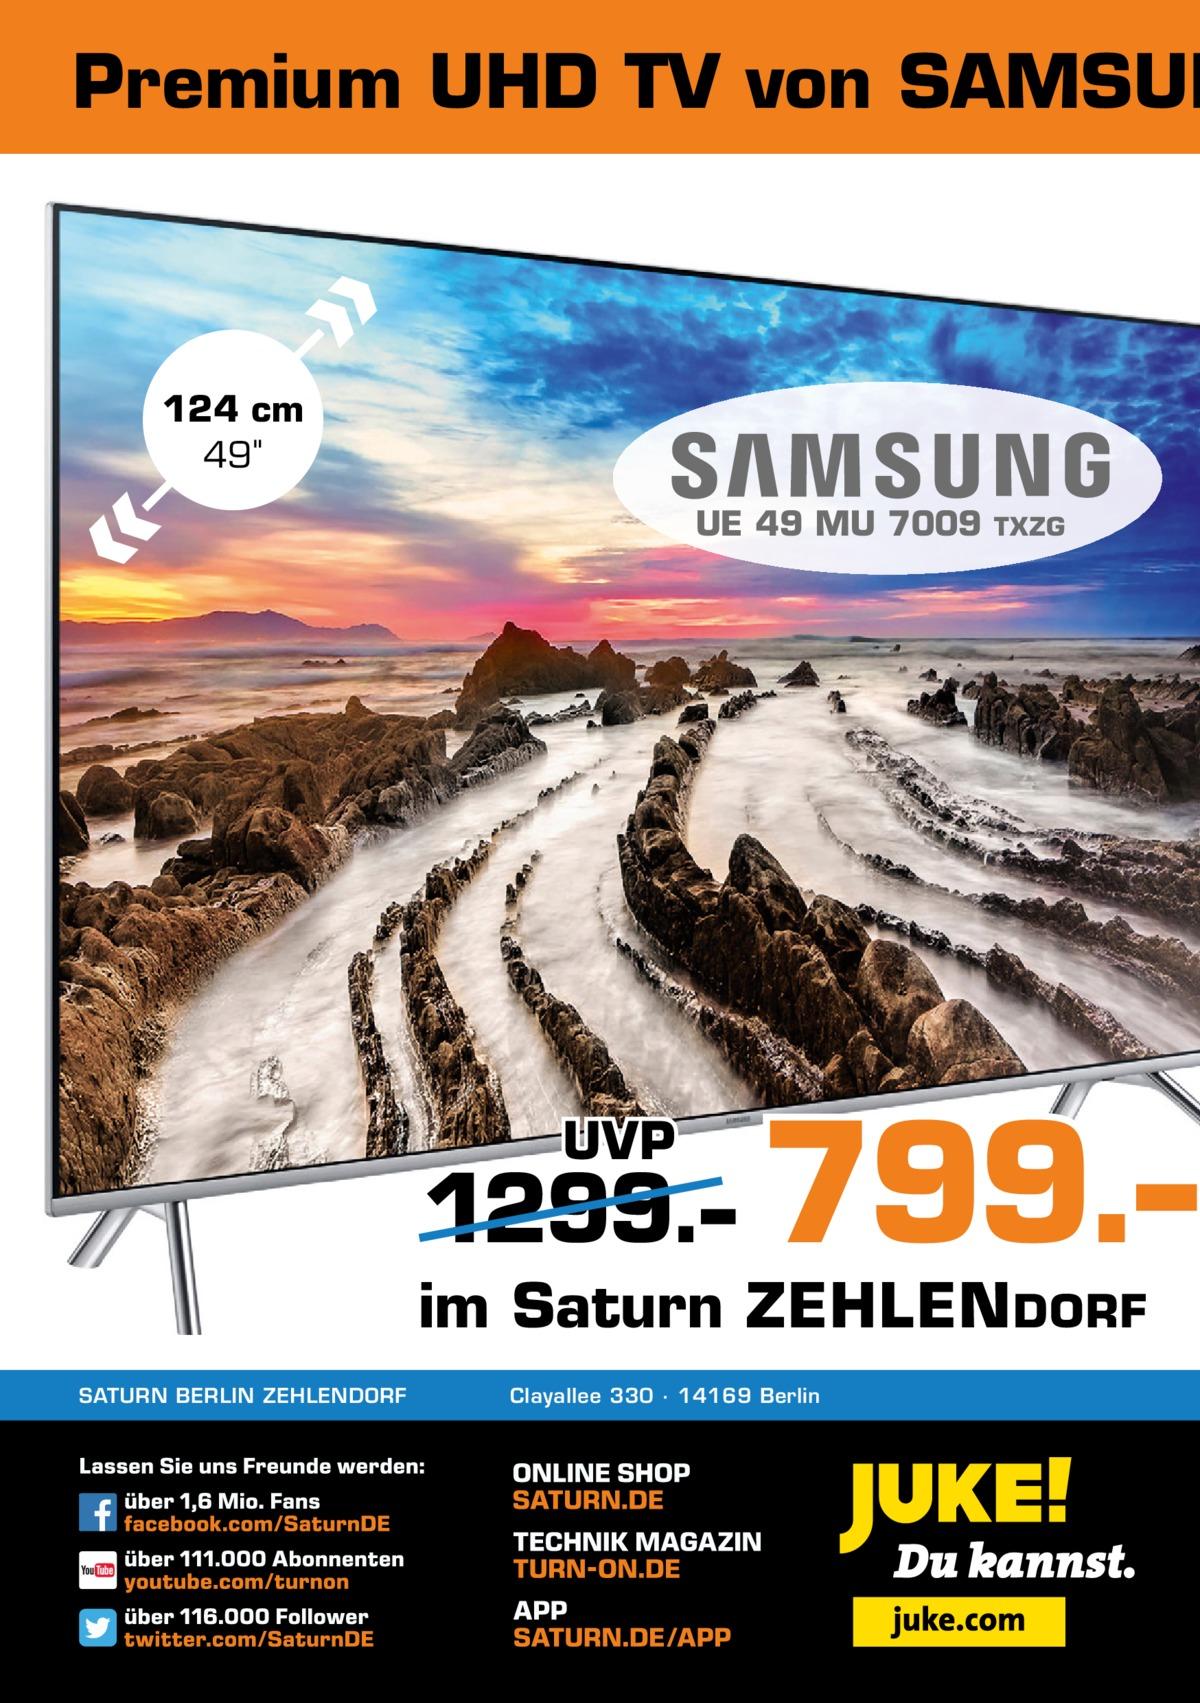 Premium UHD TV von SAMSUN  124cm 49 UE 49 MU 7009  UVP  1299.–  TXZG  799.–  im Saturn ZEHLEN DORF SATURN BERLIN ZEHLENDORF  Clayallee 330 ∙ 14169Berlin